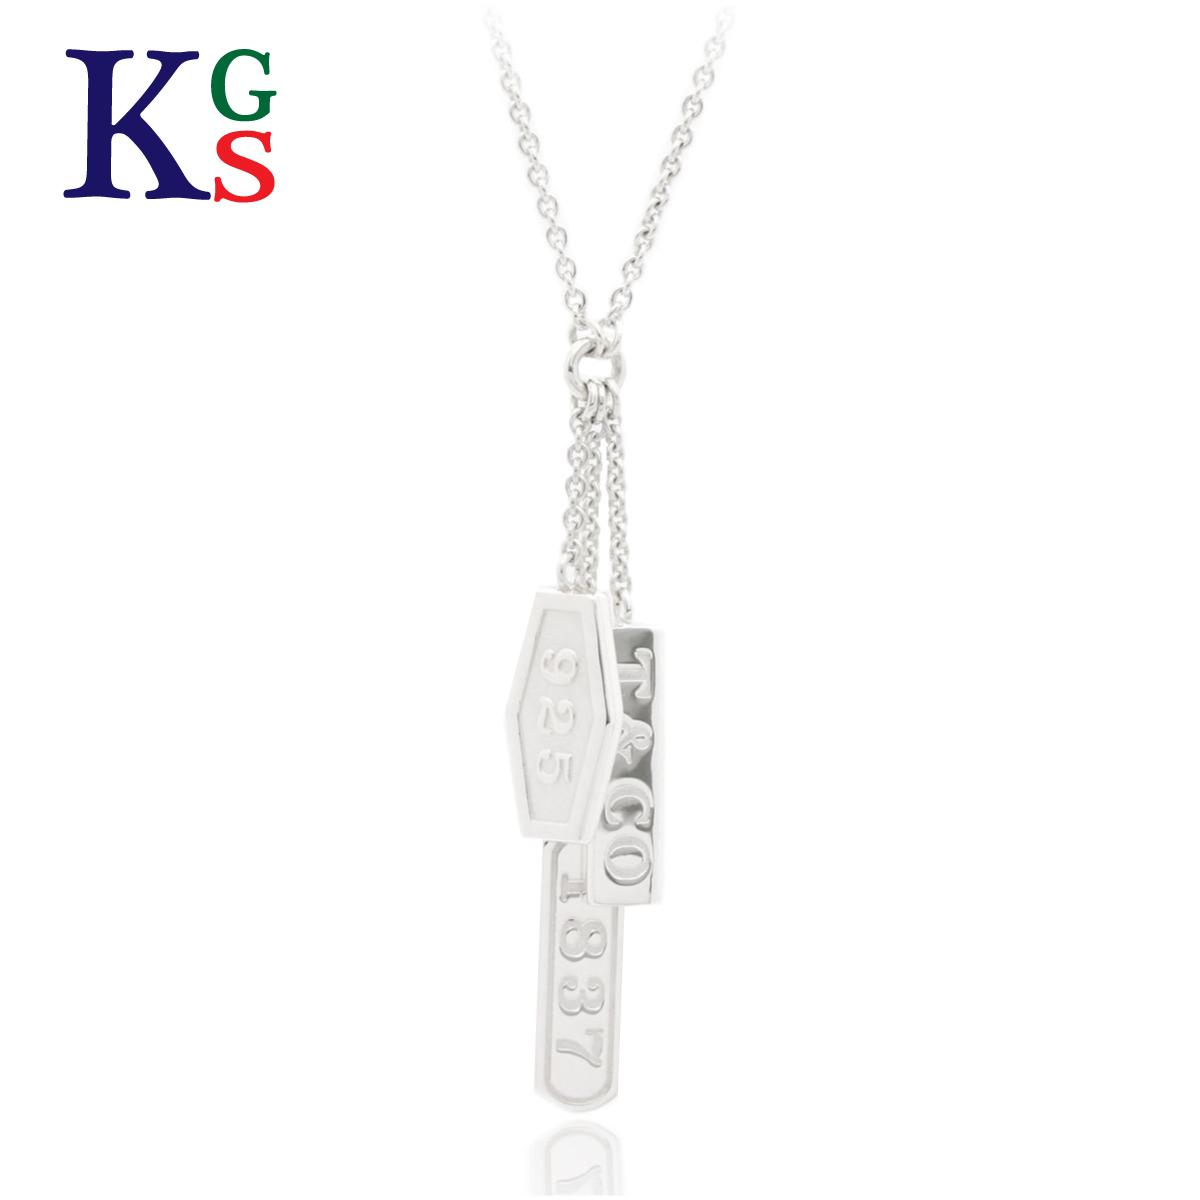 【ギフト品質】ティファニー/Tiffany&co レディース 1837 3連プレート ネックレス Ag925 シルバー 1227